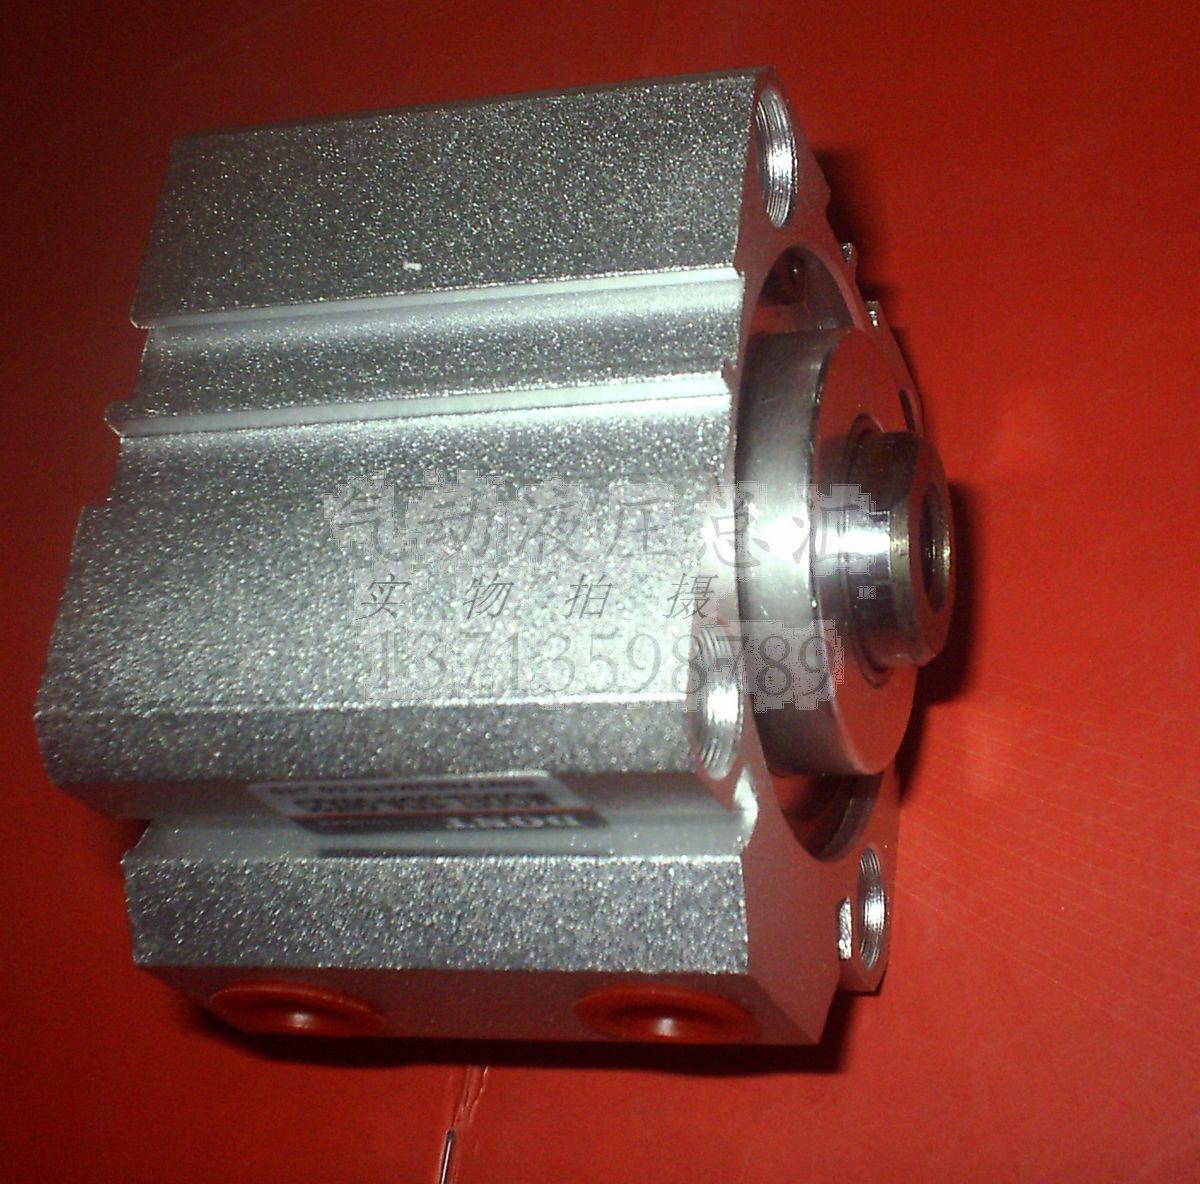 ultra cienkie butli nie SDA50*100 ze stopów aluminium. na placu podmiotów.